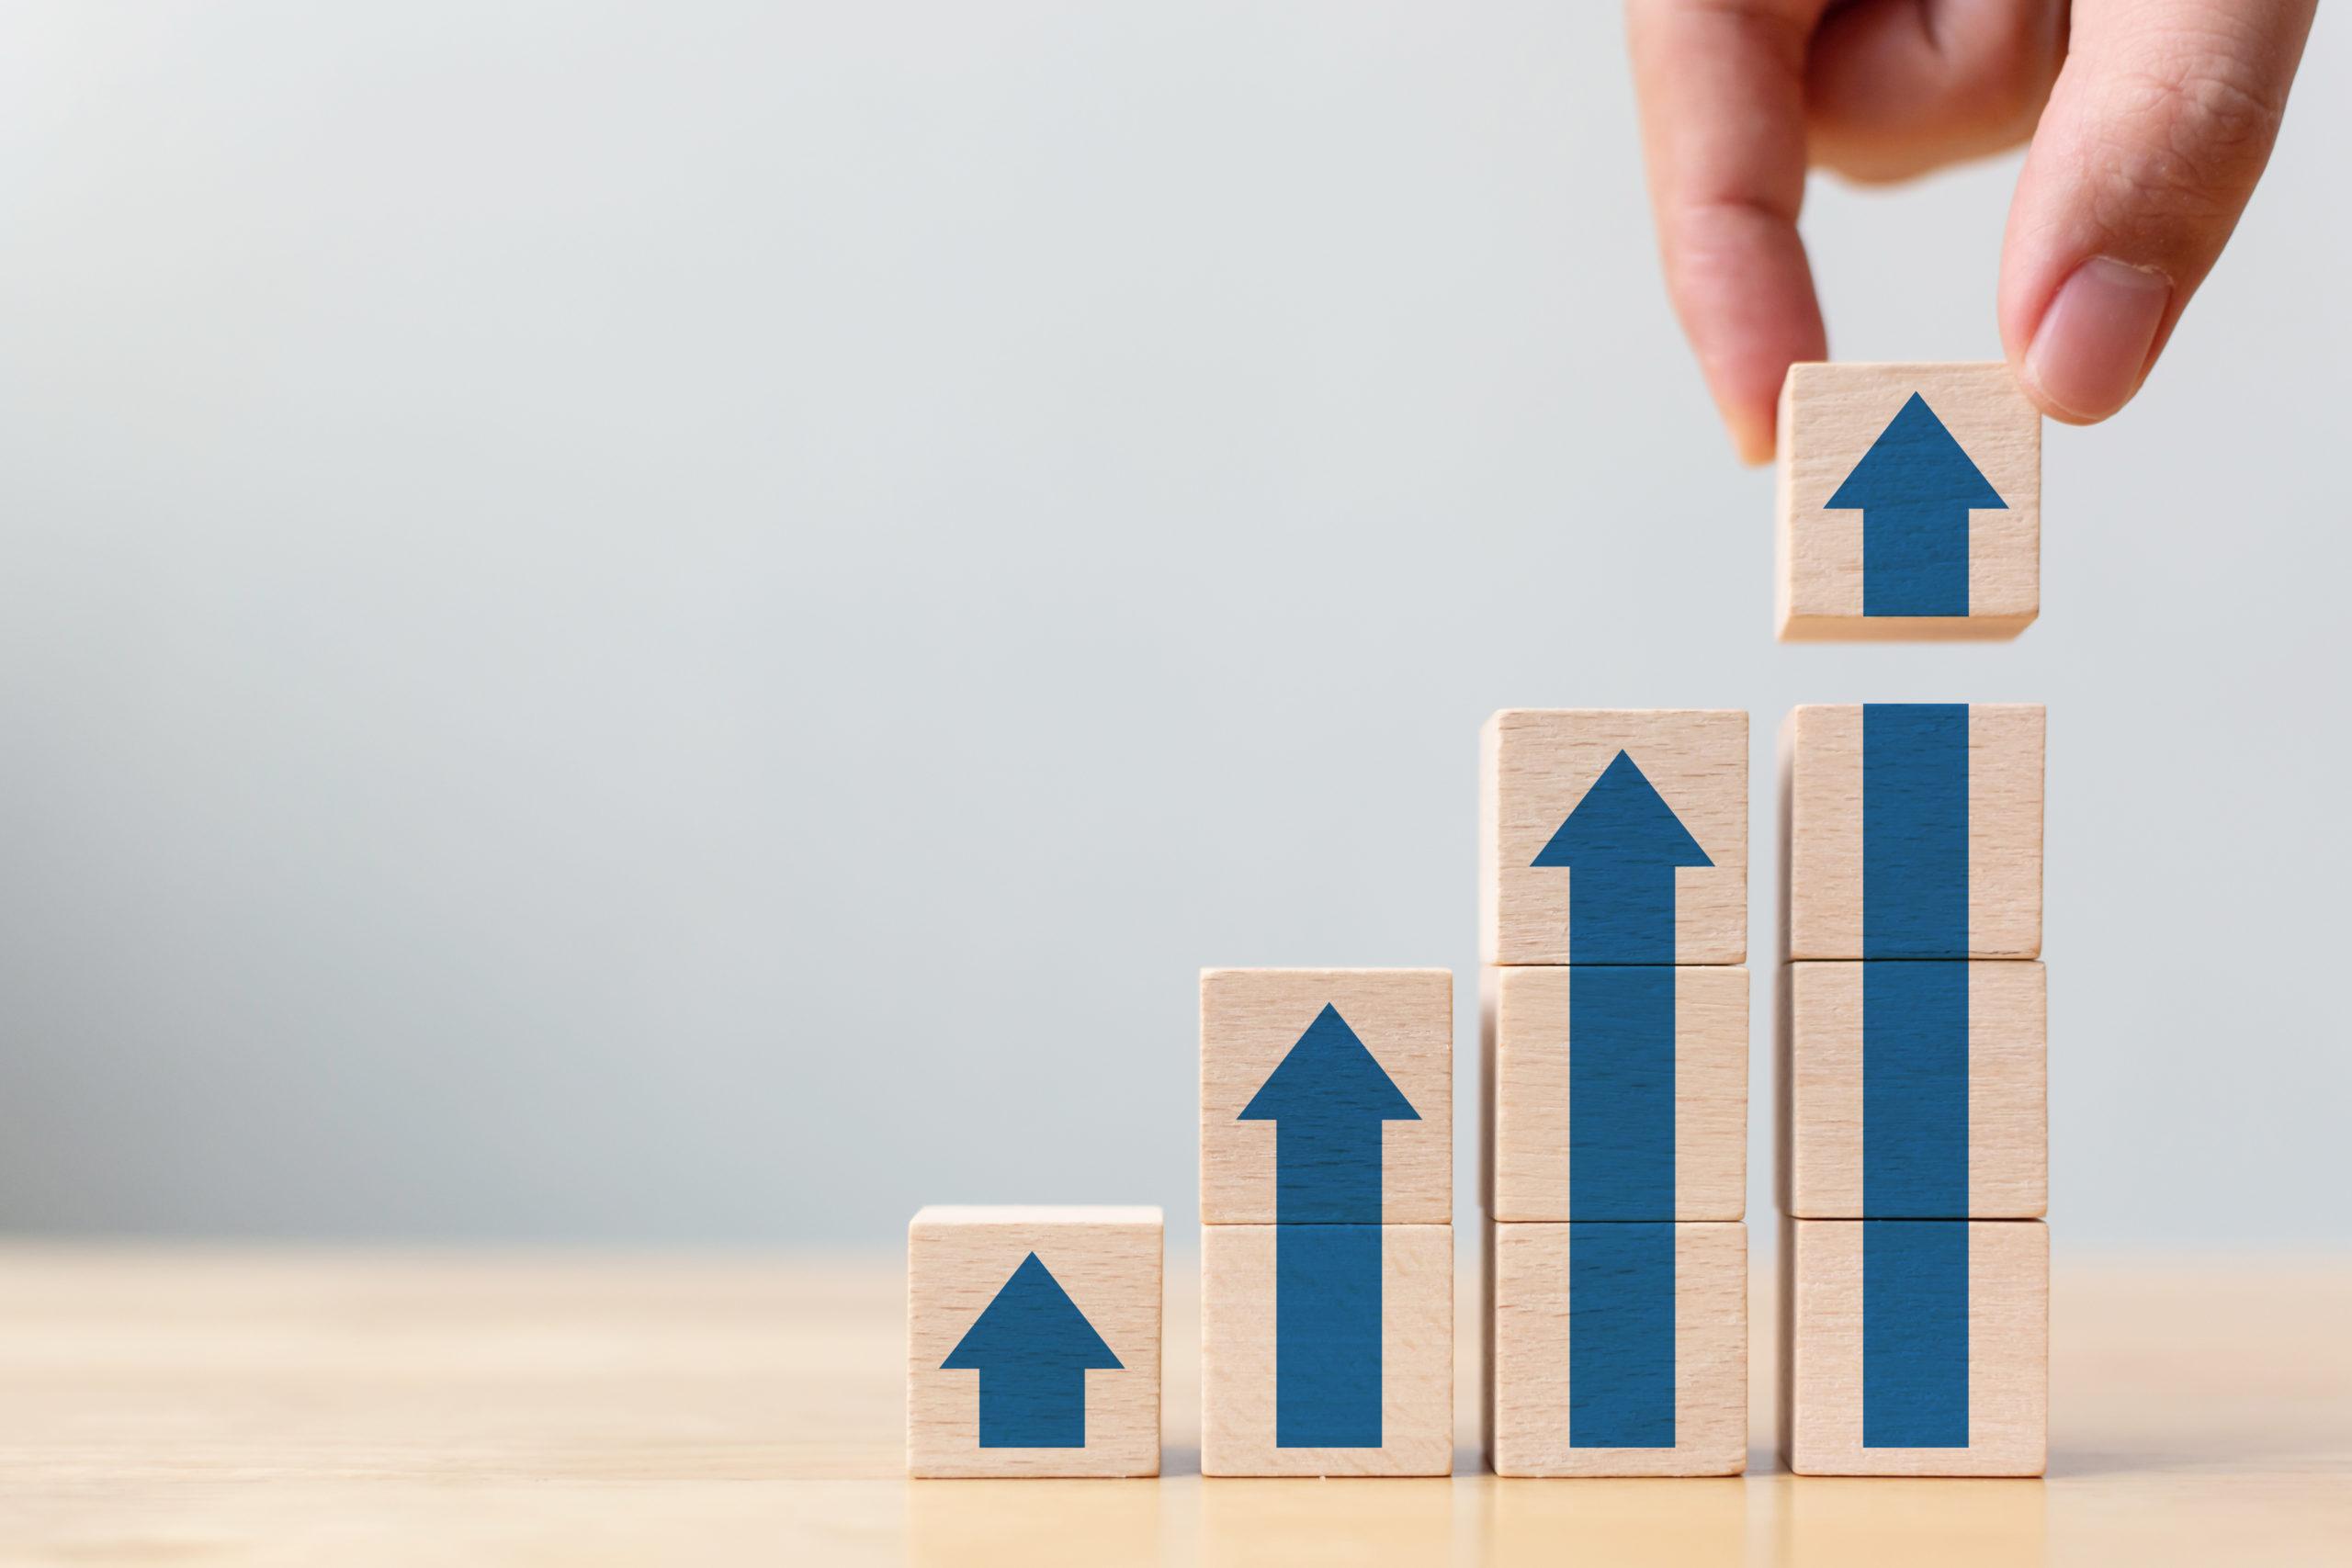 2021 жылы ақпанда ӨСК сыйлықақылары 79,8%-ға өсті